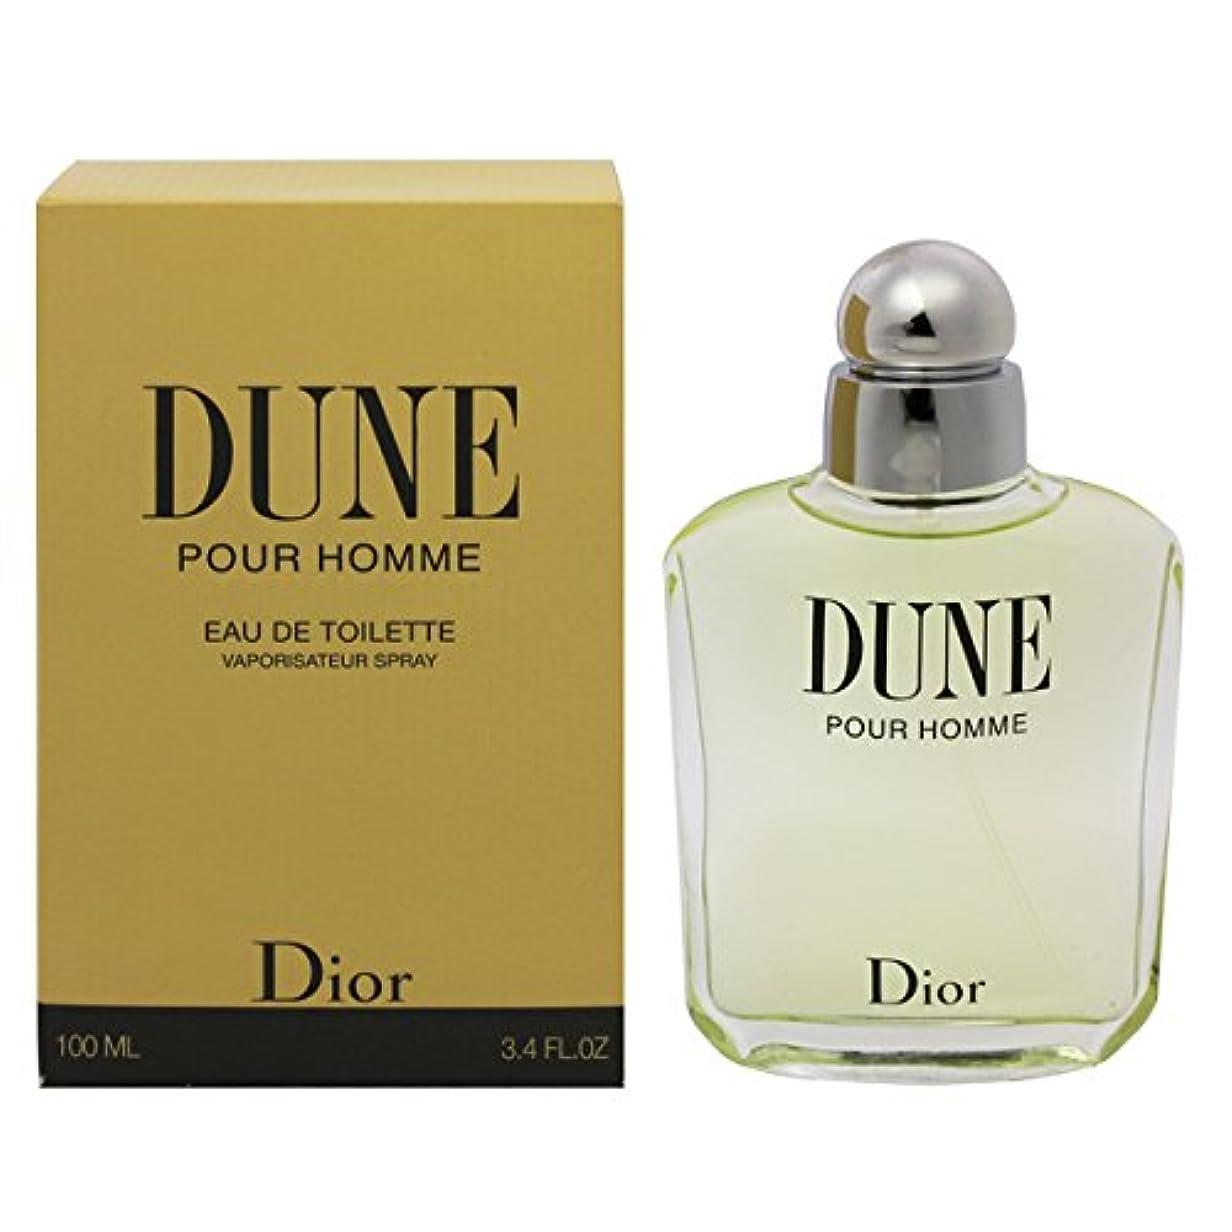 フィッティング不健全反乱クリスチャン ディオール(Christian Dior) デューン プールオム EDT SP 100ml[並行輸入品]